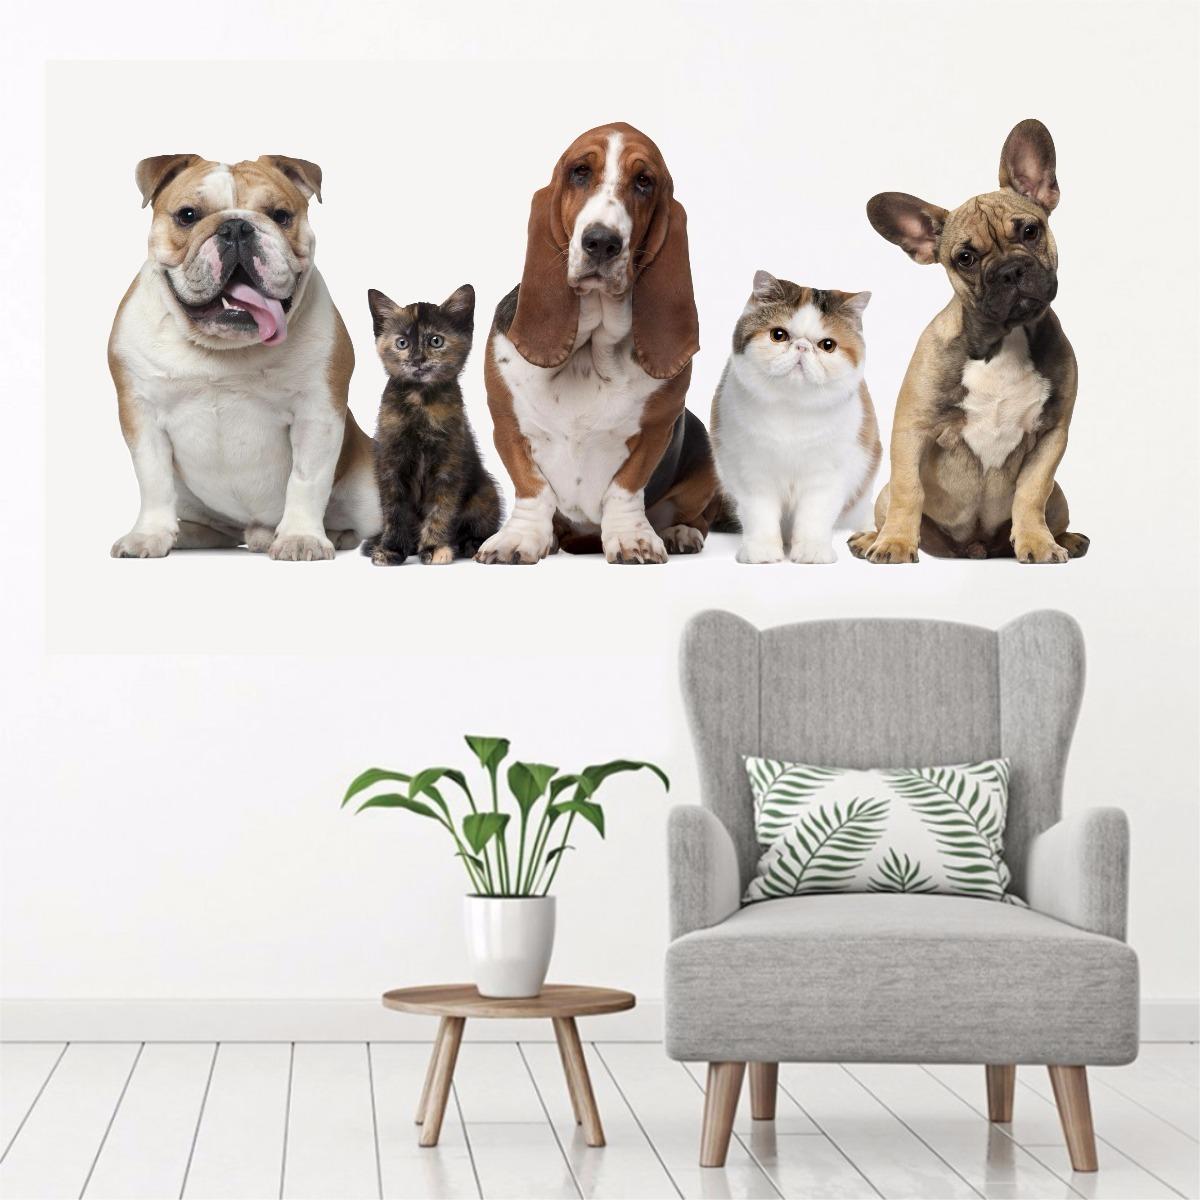 7fa17f339 Adesivo Parede Pet Shop Animal Cachorro Gato Banho Tosa 2 - R$ 54,90 em  Mercado Livre